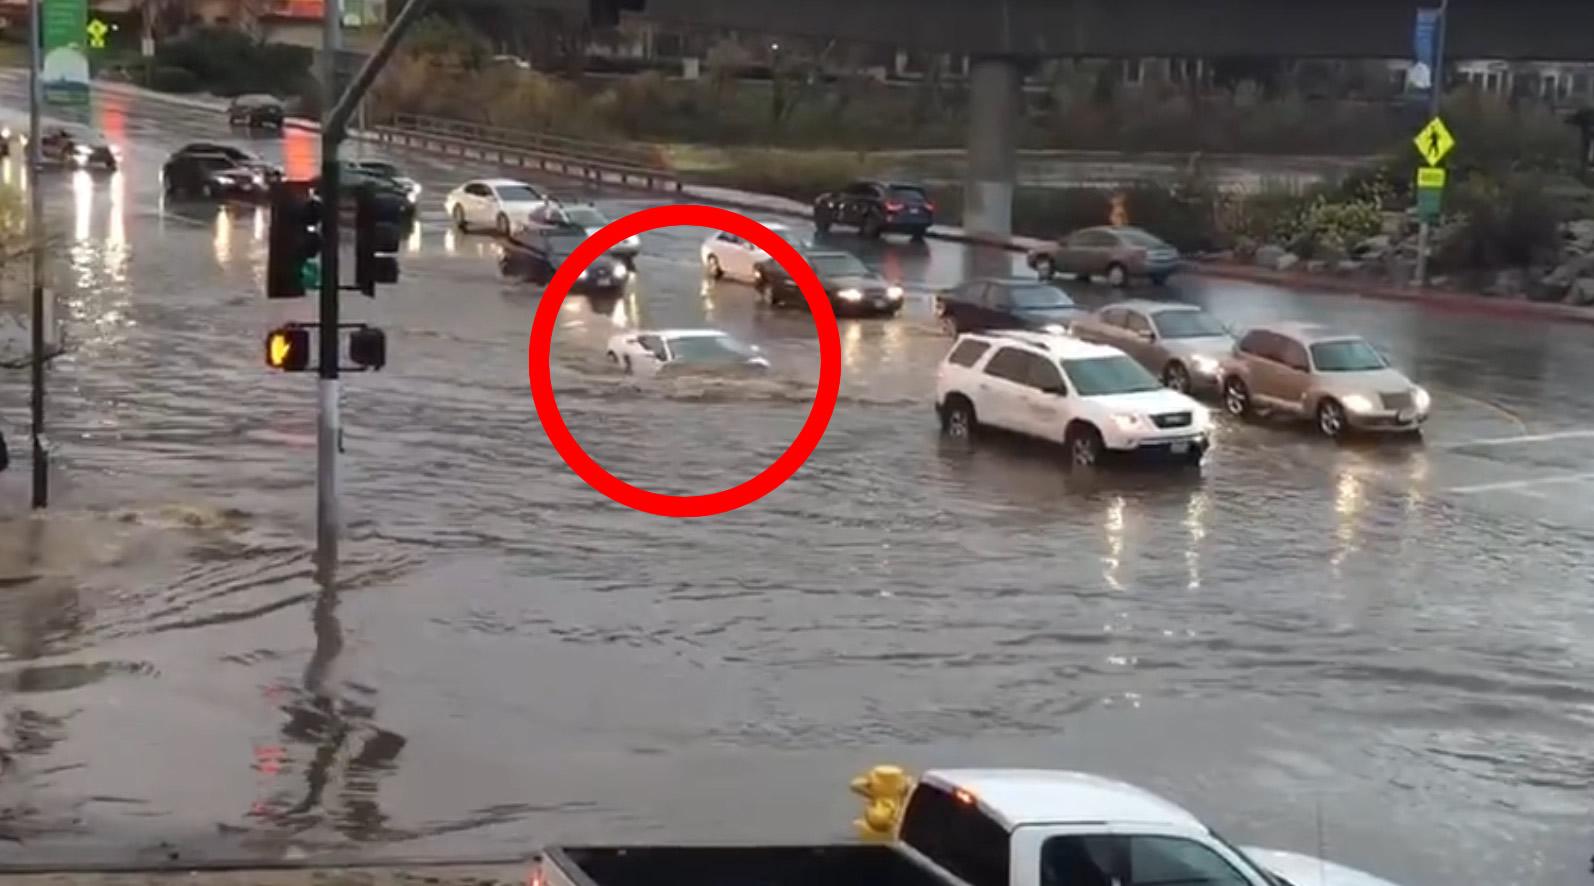 大雨の後、無茶すぎるランボルギーニが撮影され話題に!!